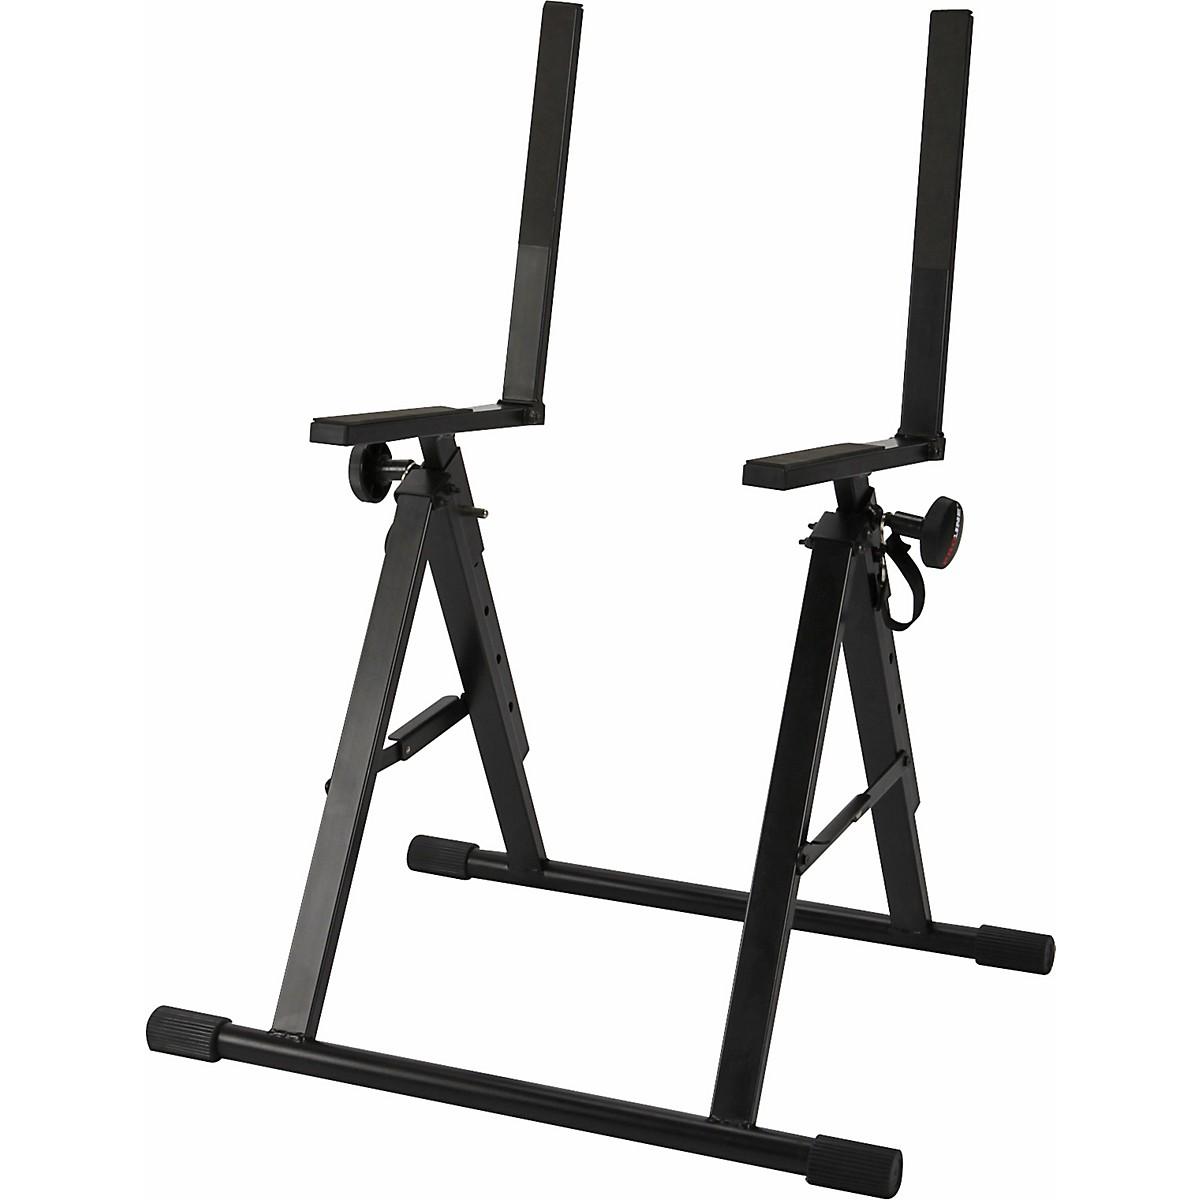 Proline PL7000 Adjustable Amp Stand